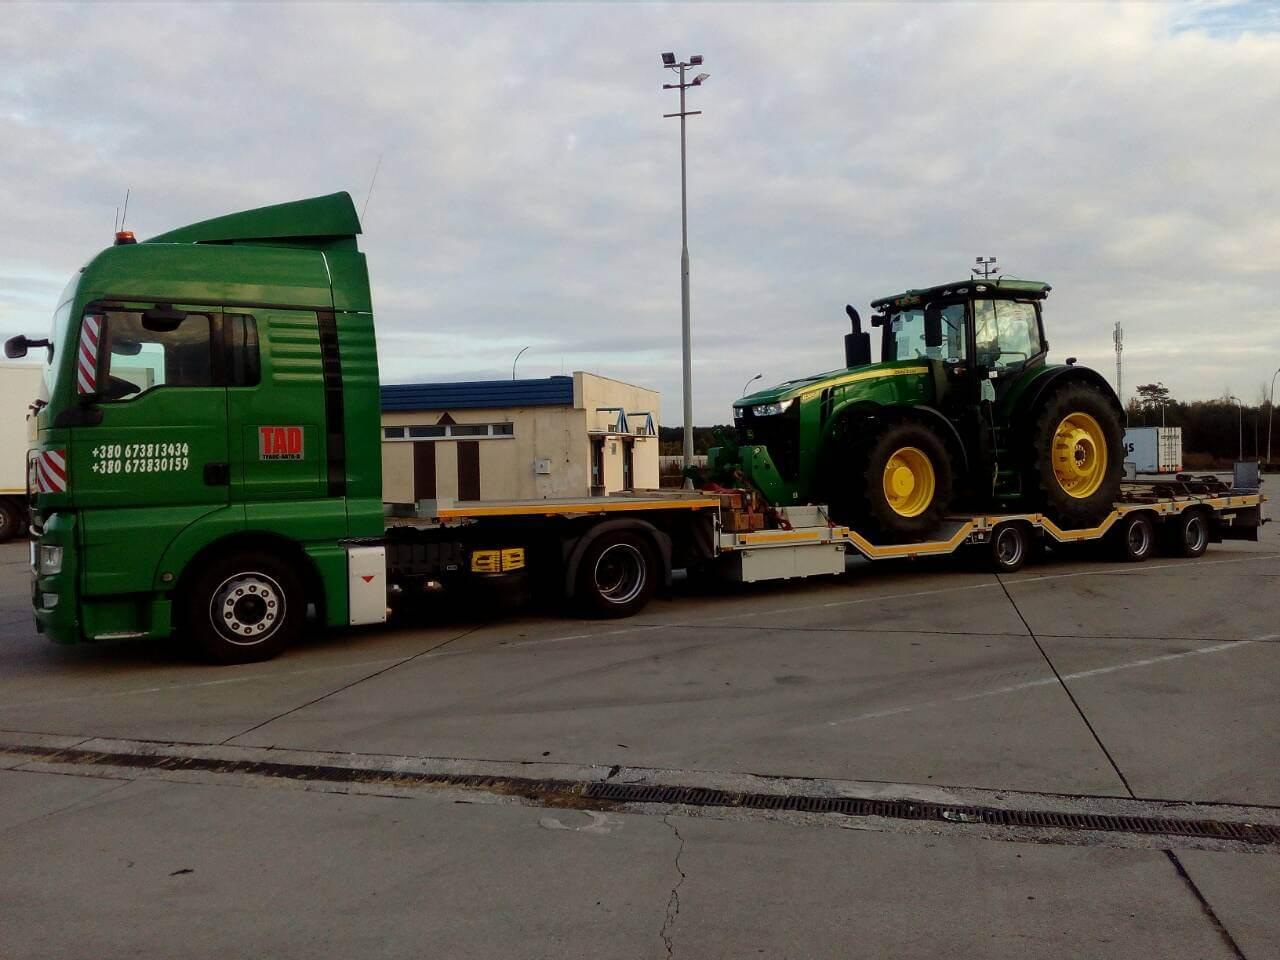 Transportation-tractor-John-Deer-in-Ukraine